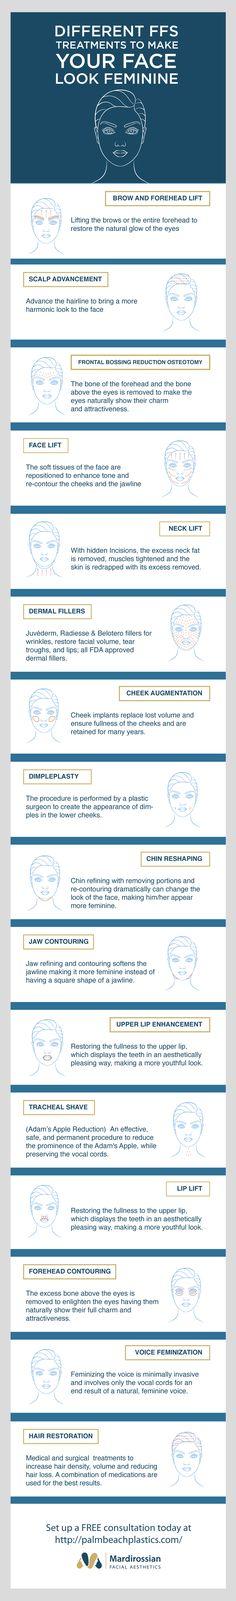 16 Best Facial procedure images in 2019 | Facial procedure